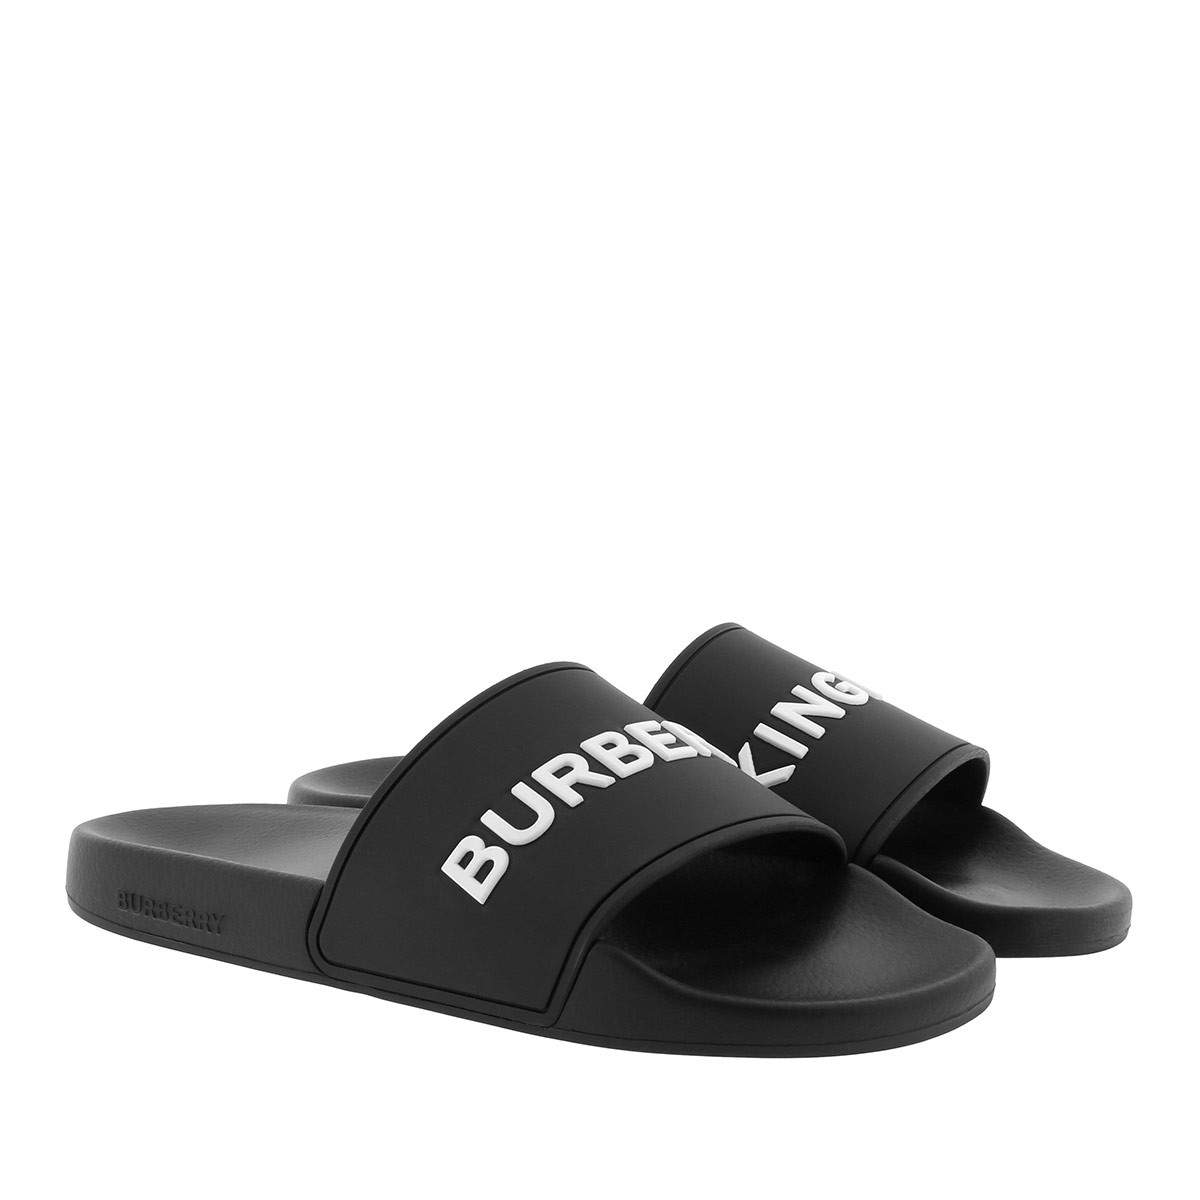 Burberry Schuhe - Furley Slides Kingdom Print Black - in schwarz - für Damen